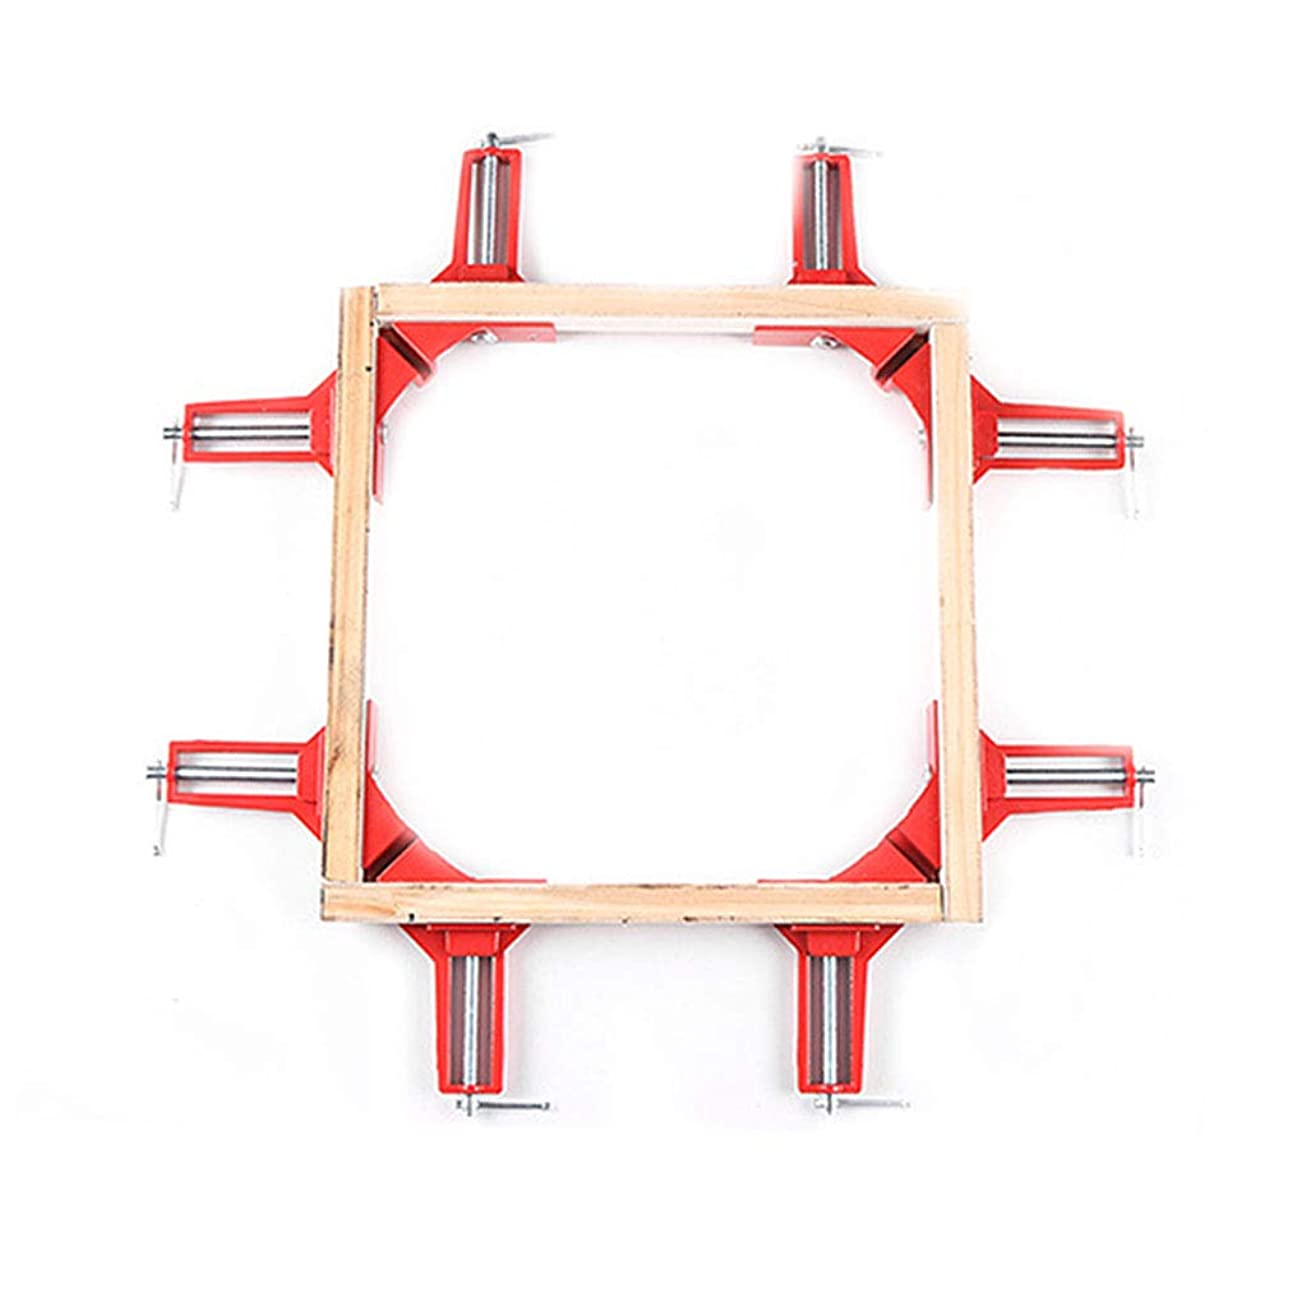 変装資格情報ボクシングNerhaily コーナー クランプ 90° 直角 木工定規 直角定規 直角クランプ DIY 工具 クランプ